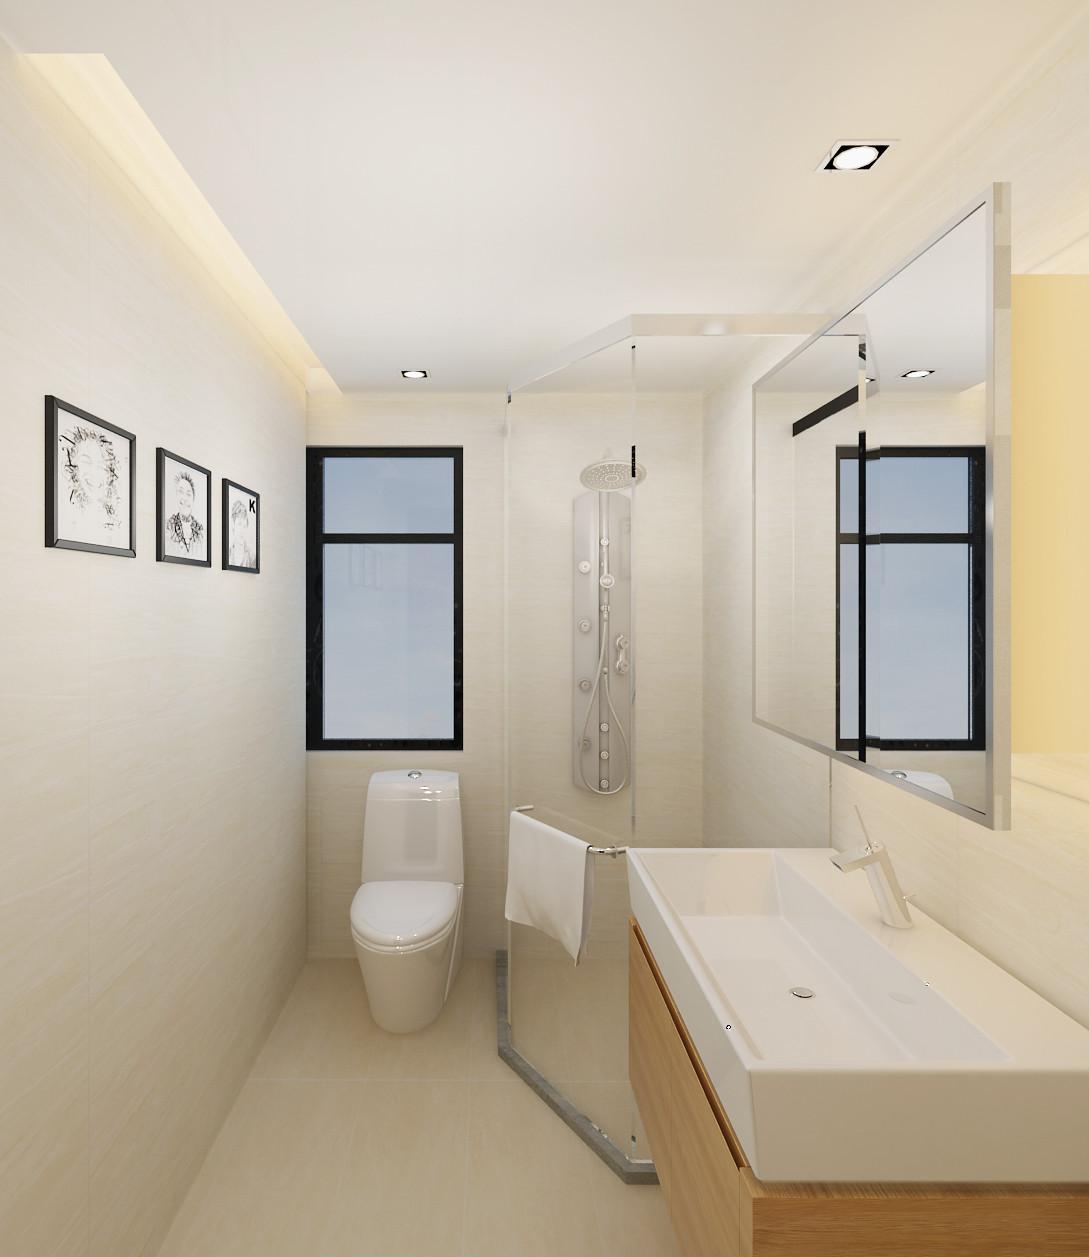 简约中式装修卫生间效果图